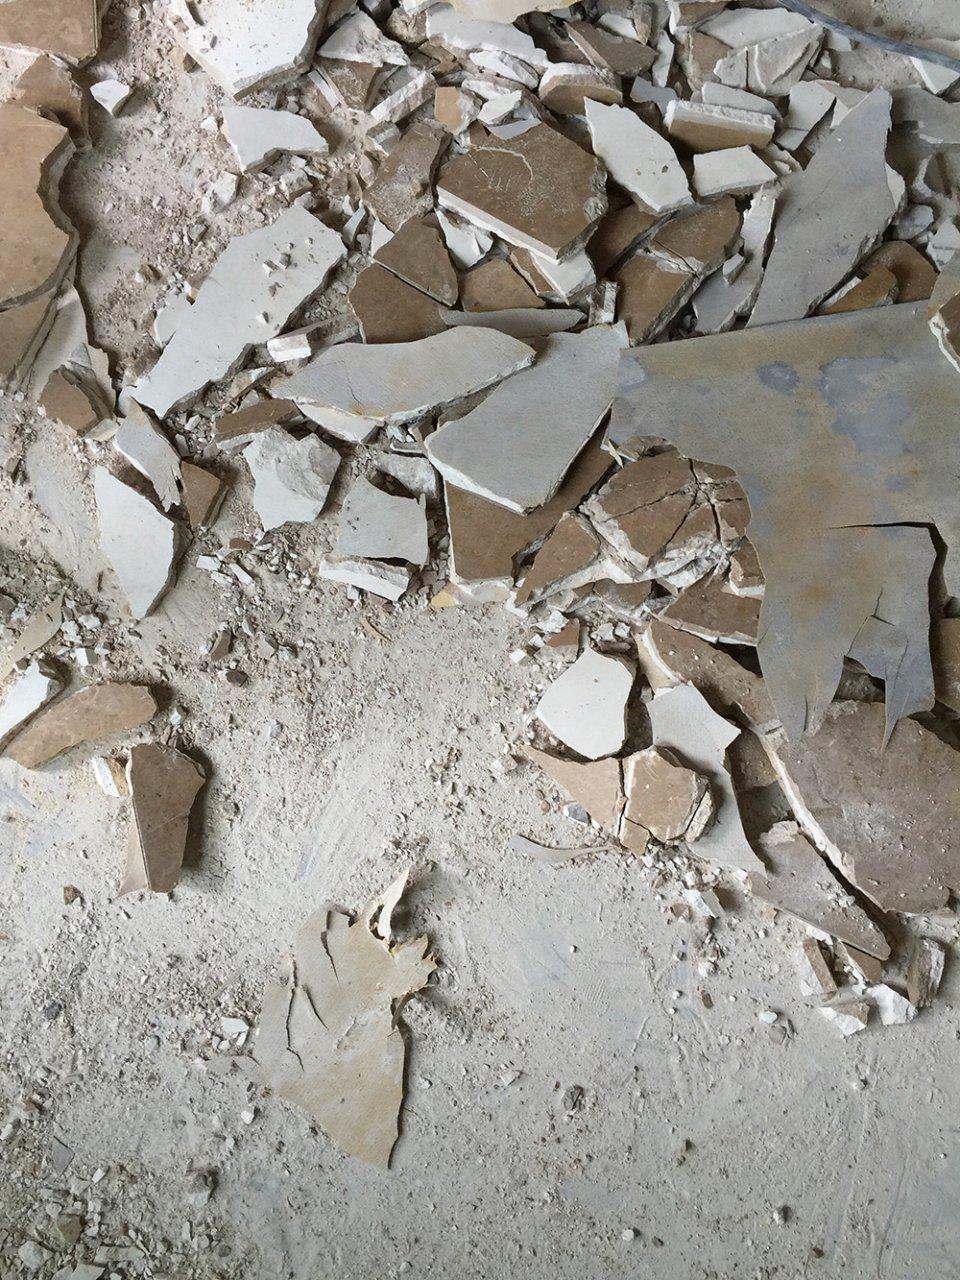 Amymeierdesign_R_construction floor